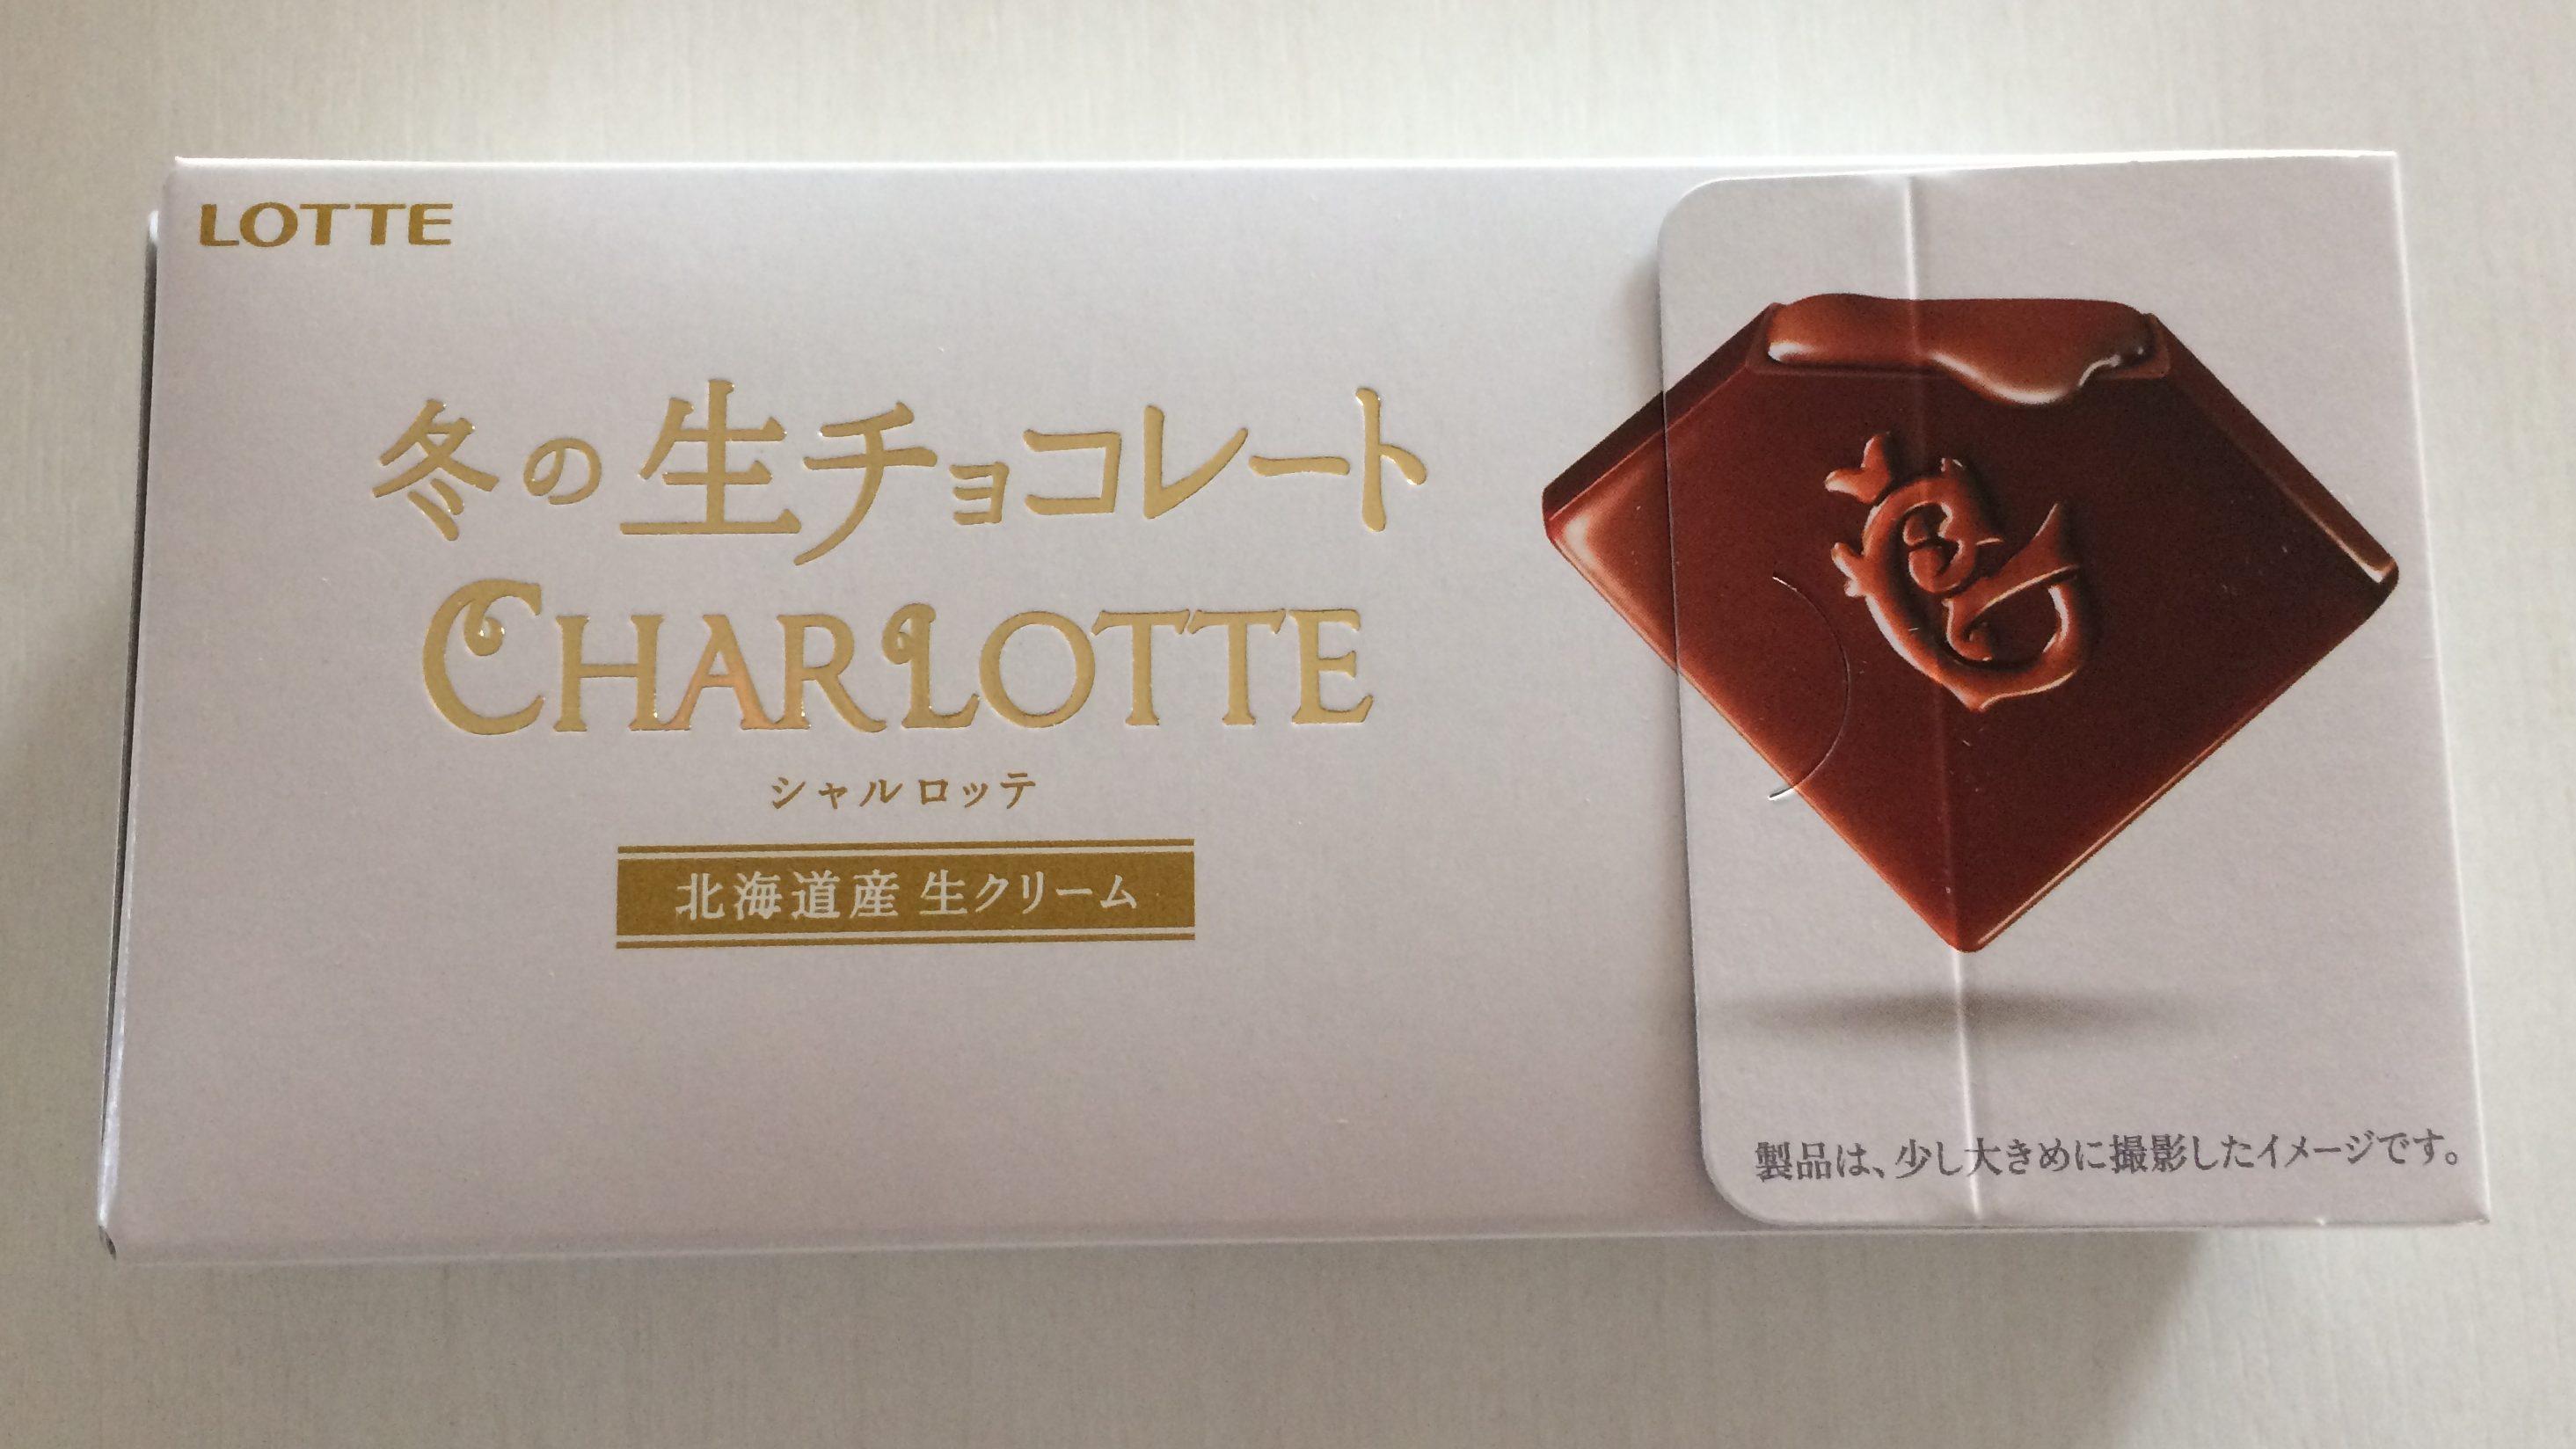 【ロッテ】冬の生チョコレート シャルロッテ 食べた感想